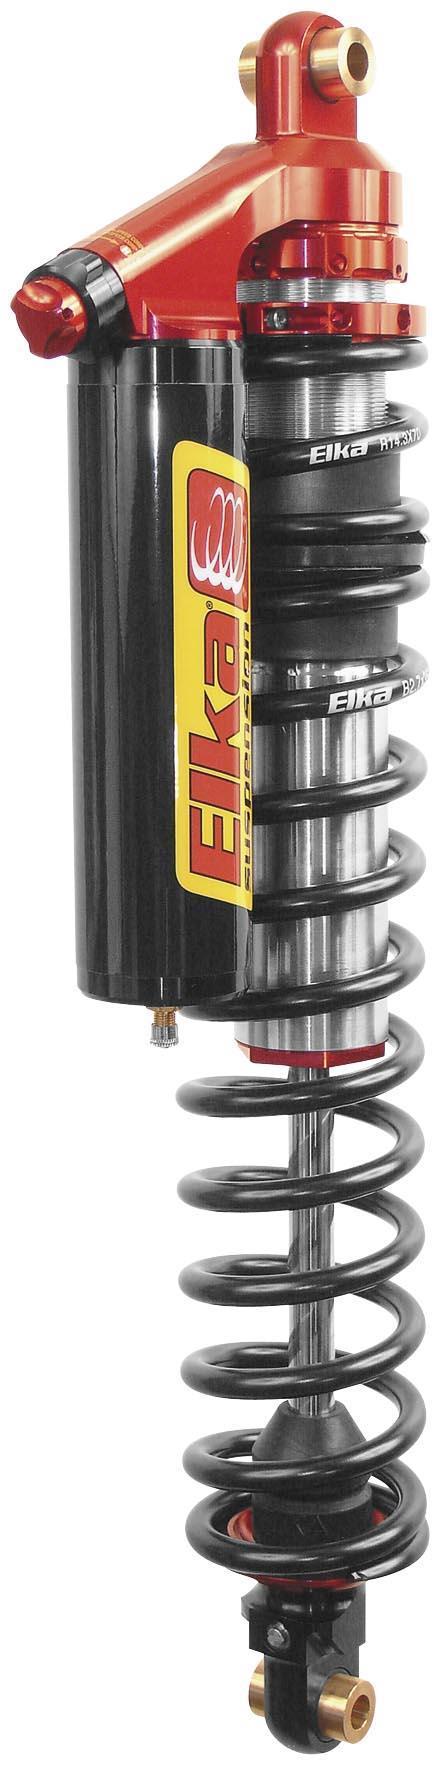 Elka Suspension Stage 4 Piggyback Reservoir Shocks